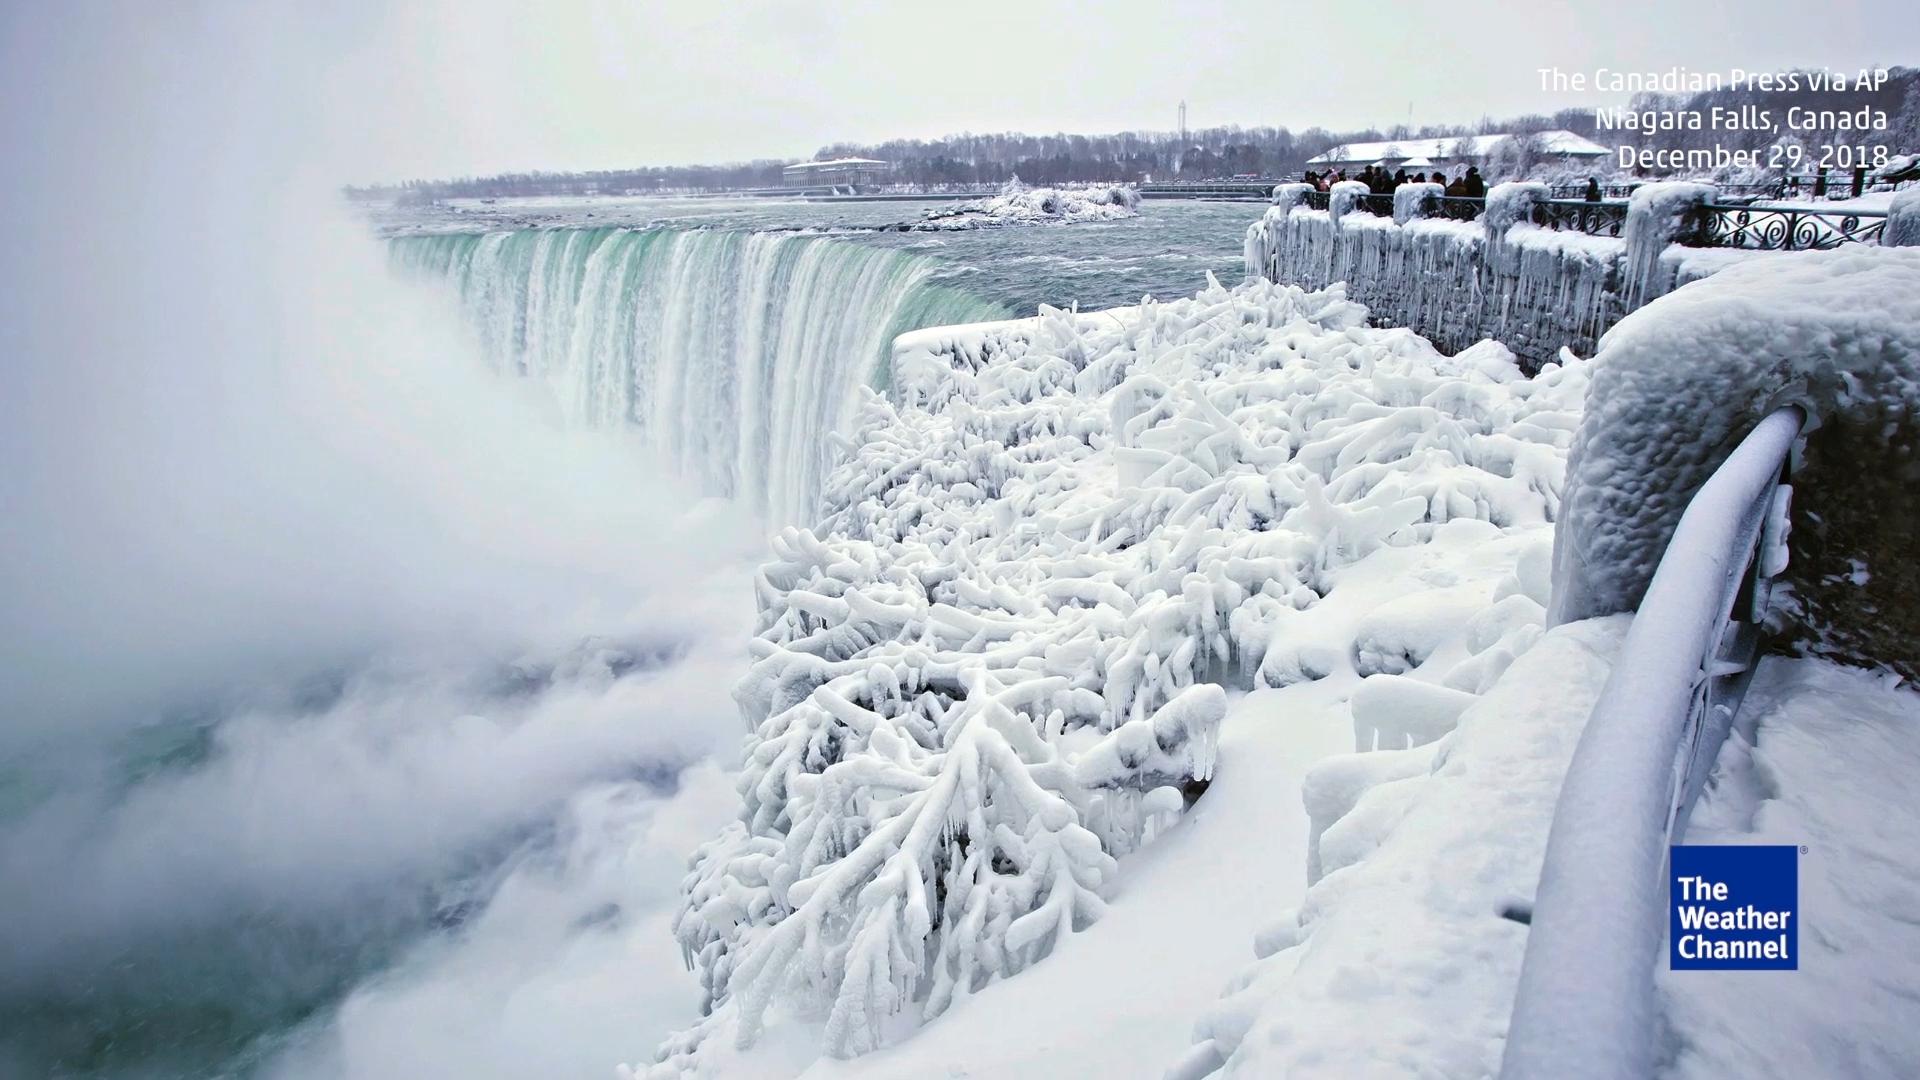 Spektakuläre Bilder Arktische Kältewelle Lässt Niagarafälle Zu